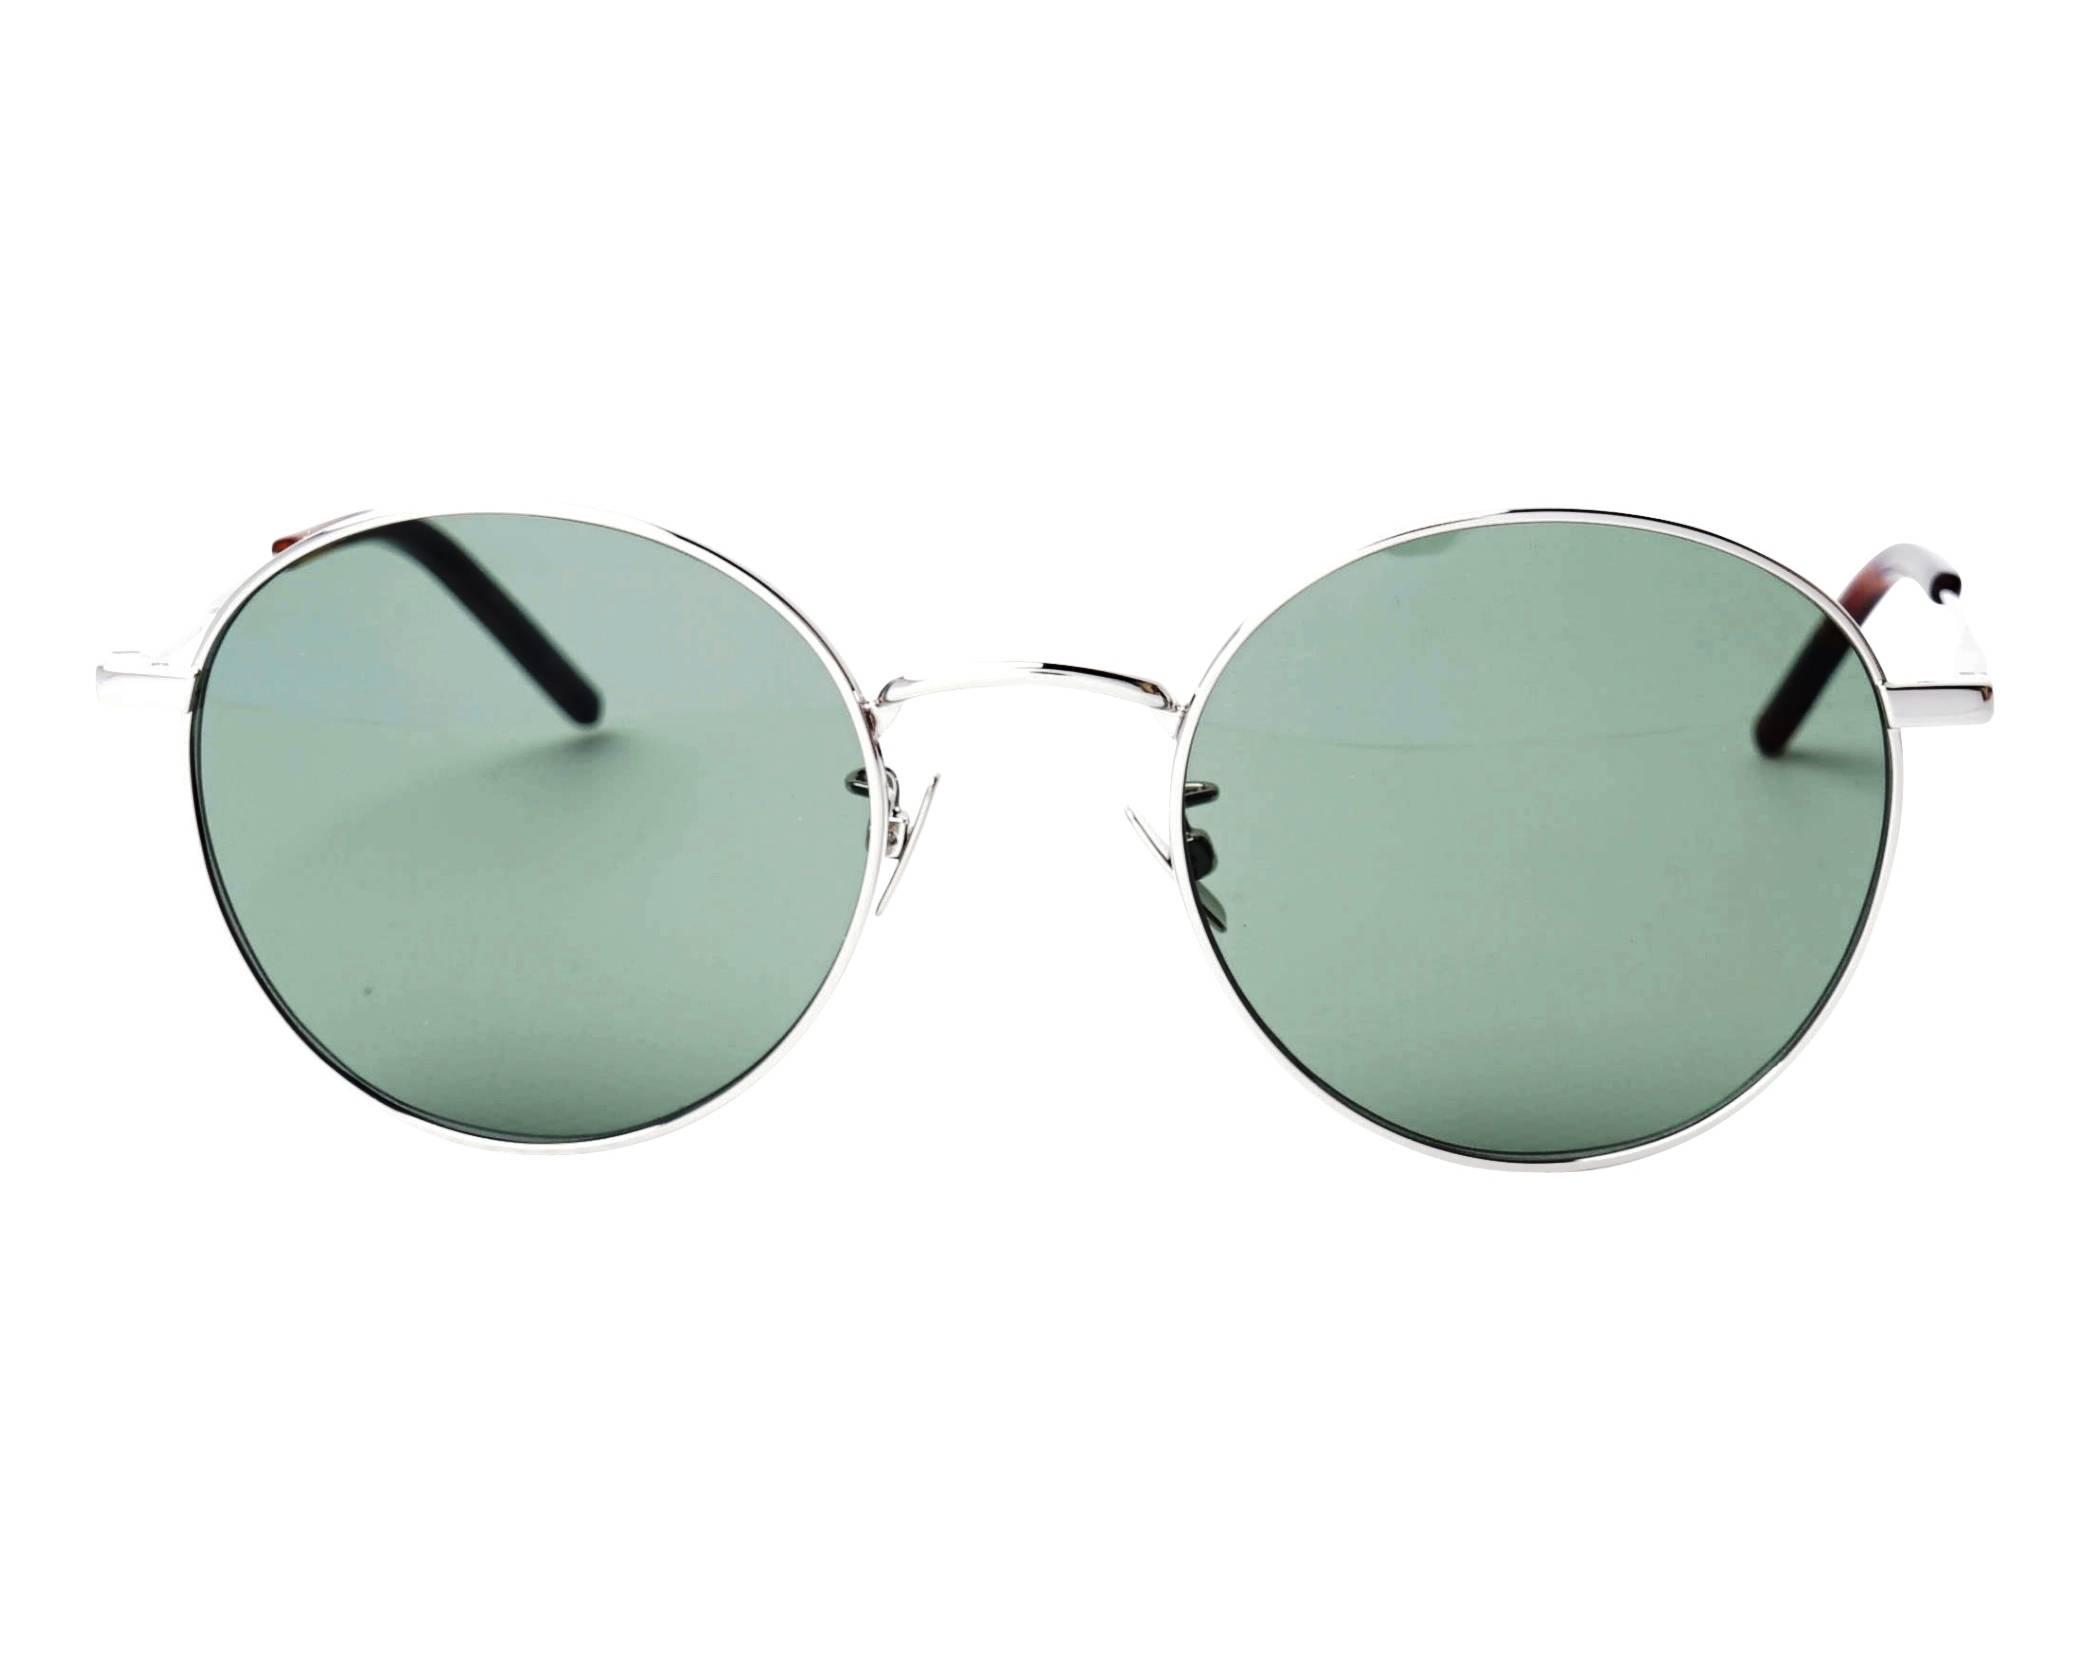 d7933b910a2 Sunglasses Yves Saint Laurent SL-250 002 52-21 Silver front view